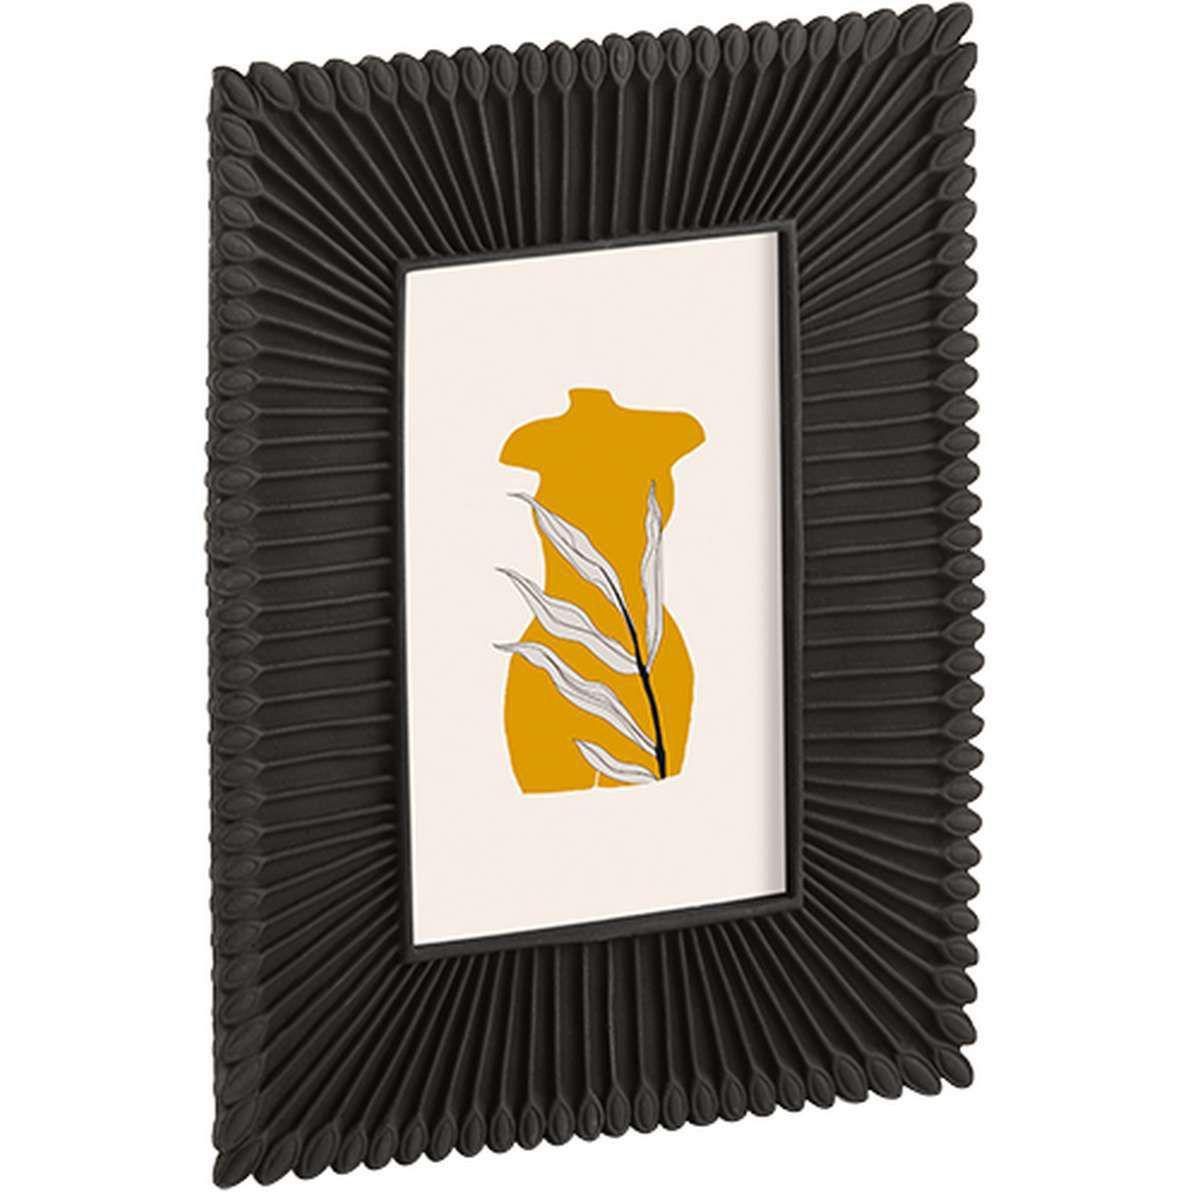 Porta Retrato em Poliresina - 10x15  - Haus In